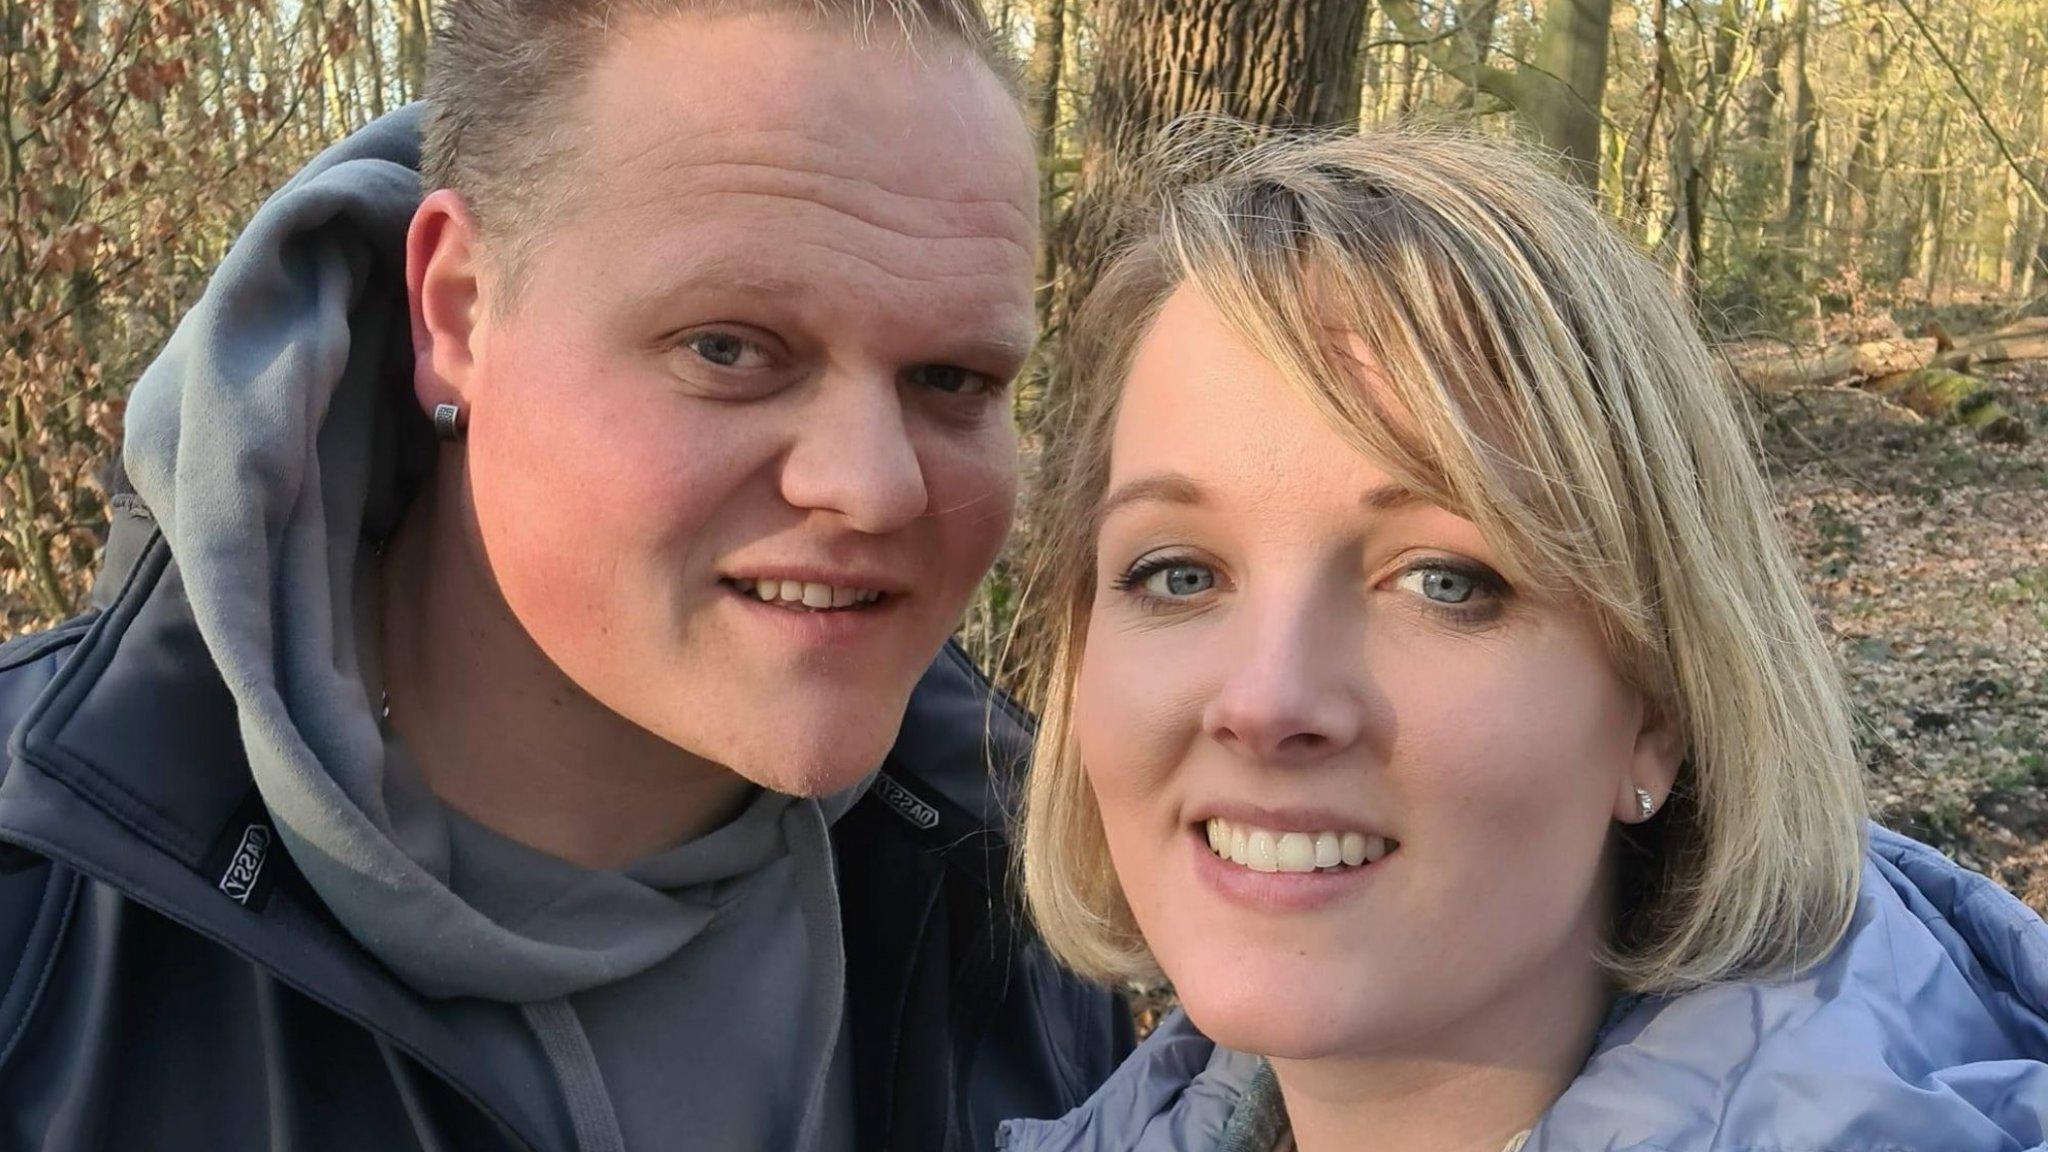 Vier jaar duurde het voor Vanity wist wat voor kanker ze had: 'Ik was zo bang' - RTL Nieuws